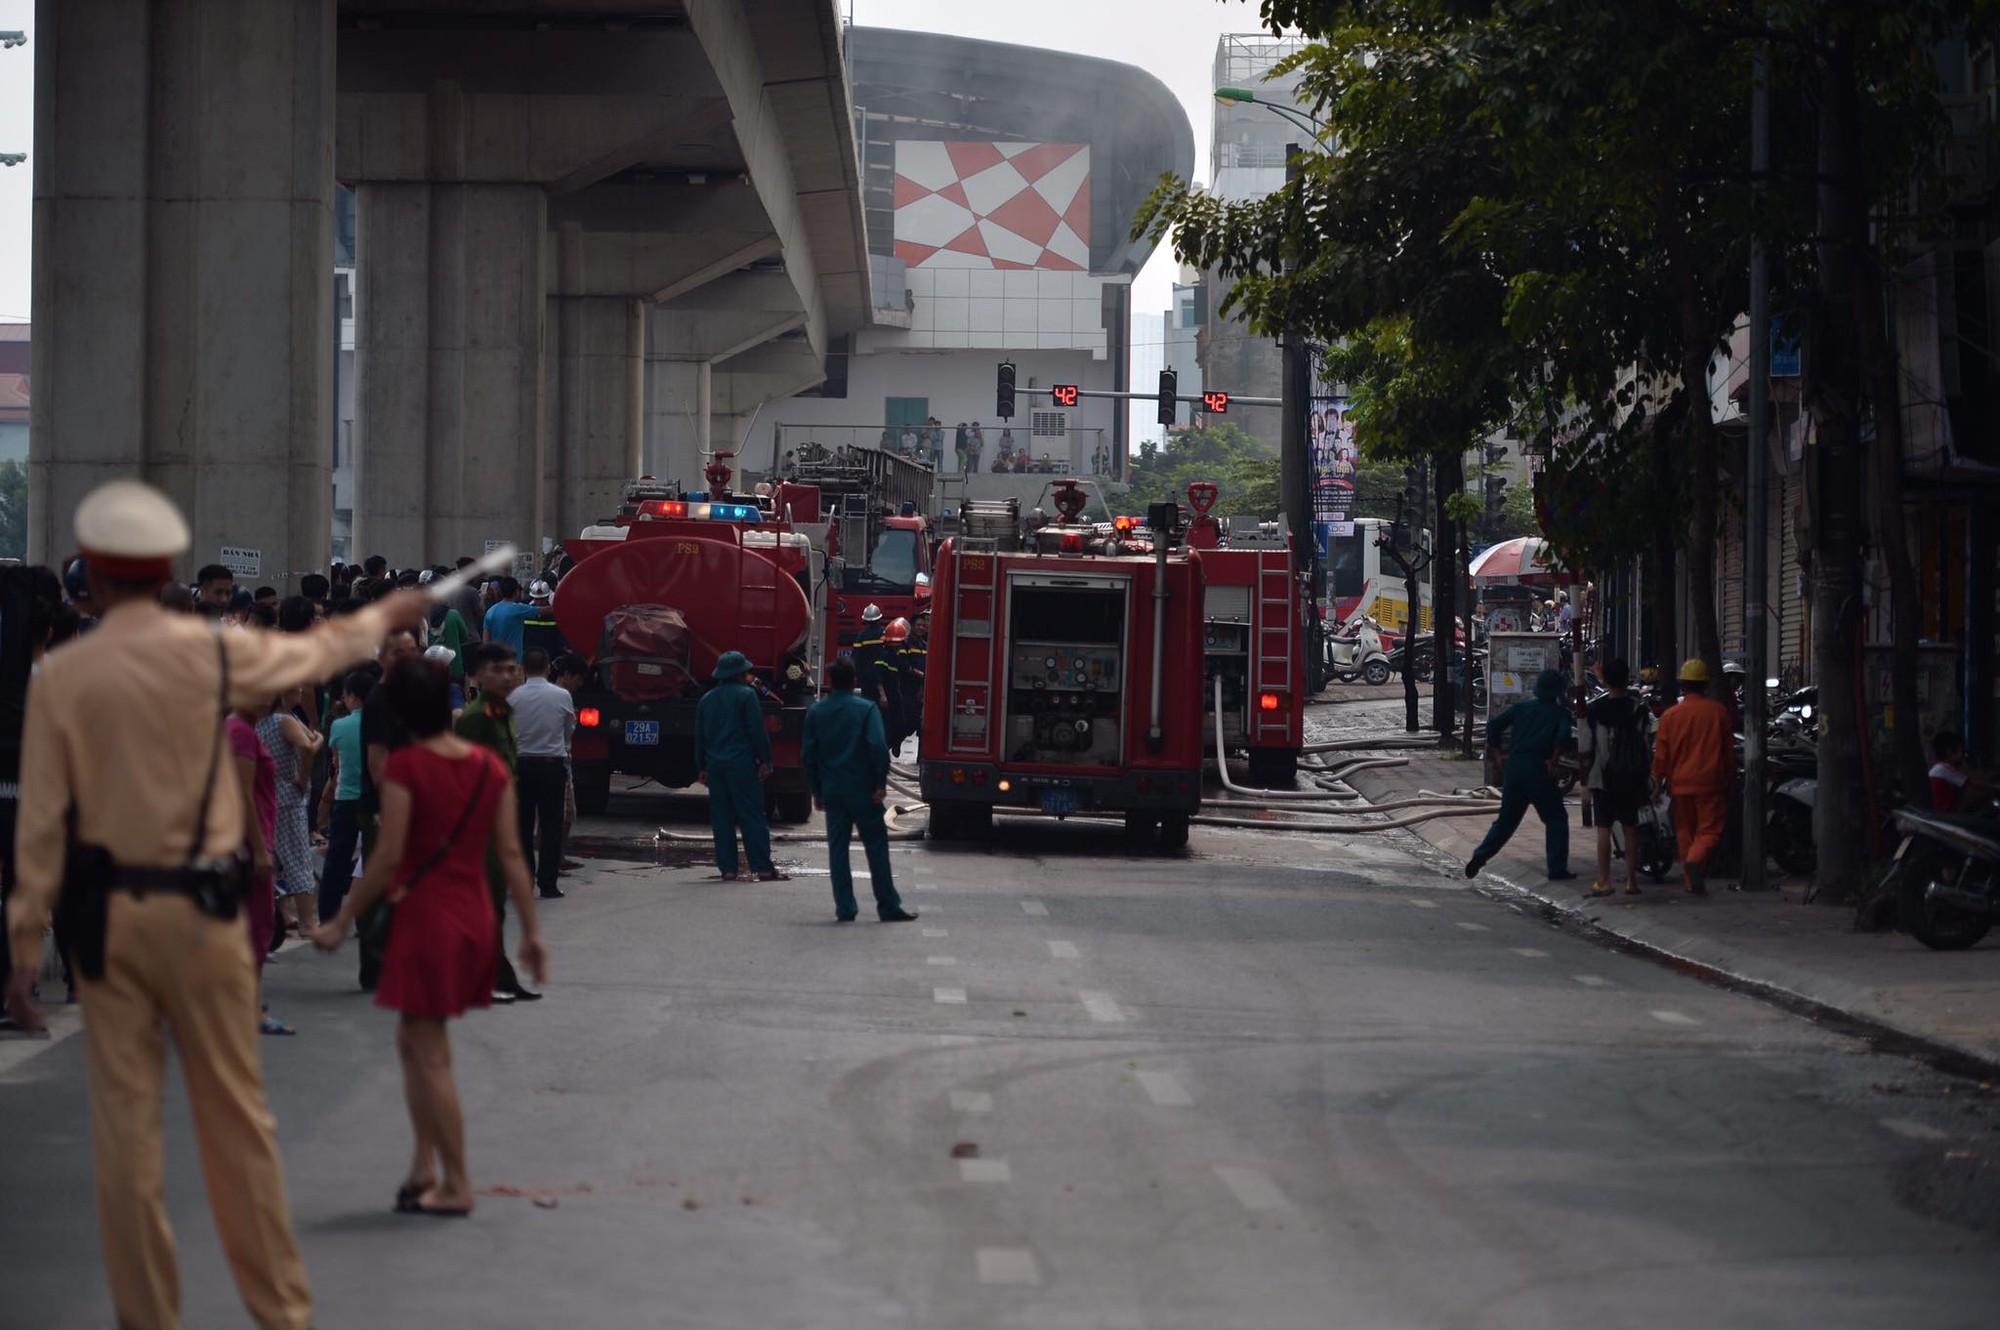 Hà Nội: Chủ đốt vàng mã gây cháy tại quán karaoke 9 tầng, điều động xe thang cùng hàng chục chiến sĩ PCCC dập lửa - Ảnh 5.